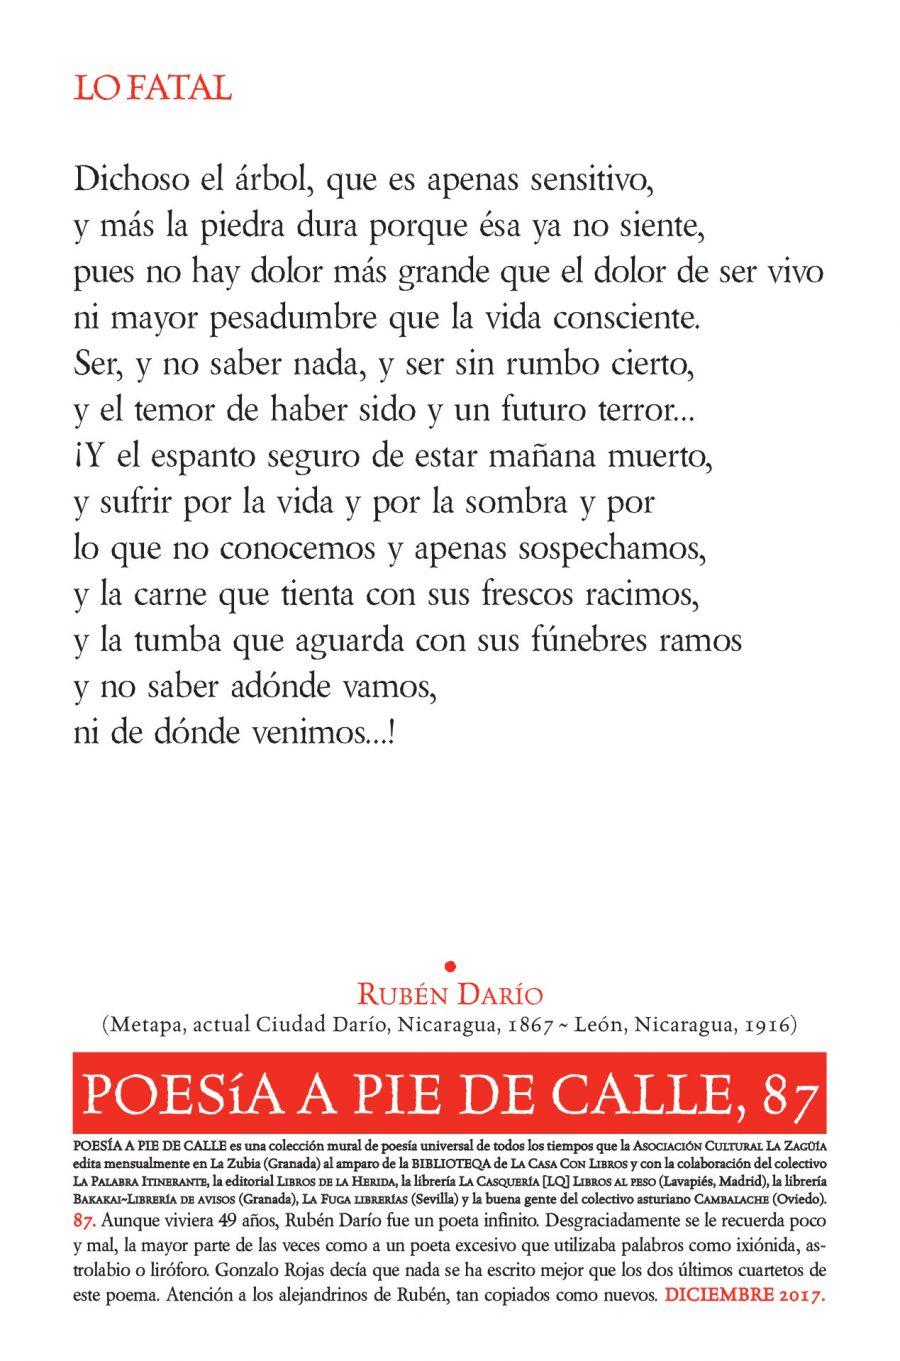 POESÍA A PIE DE CALLE, 87: LO FATAL DE RUBÉN DARÍO